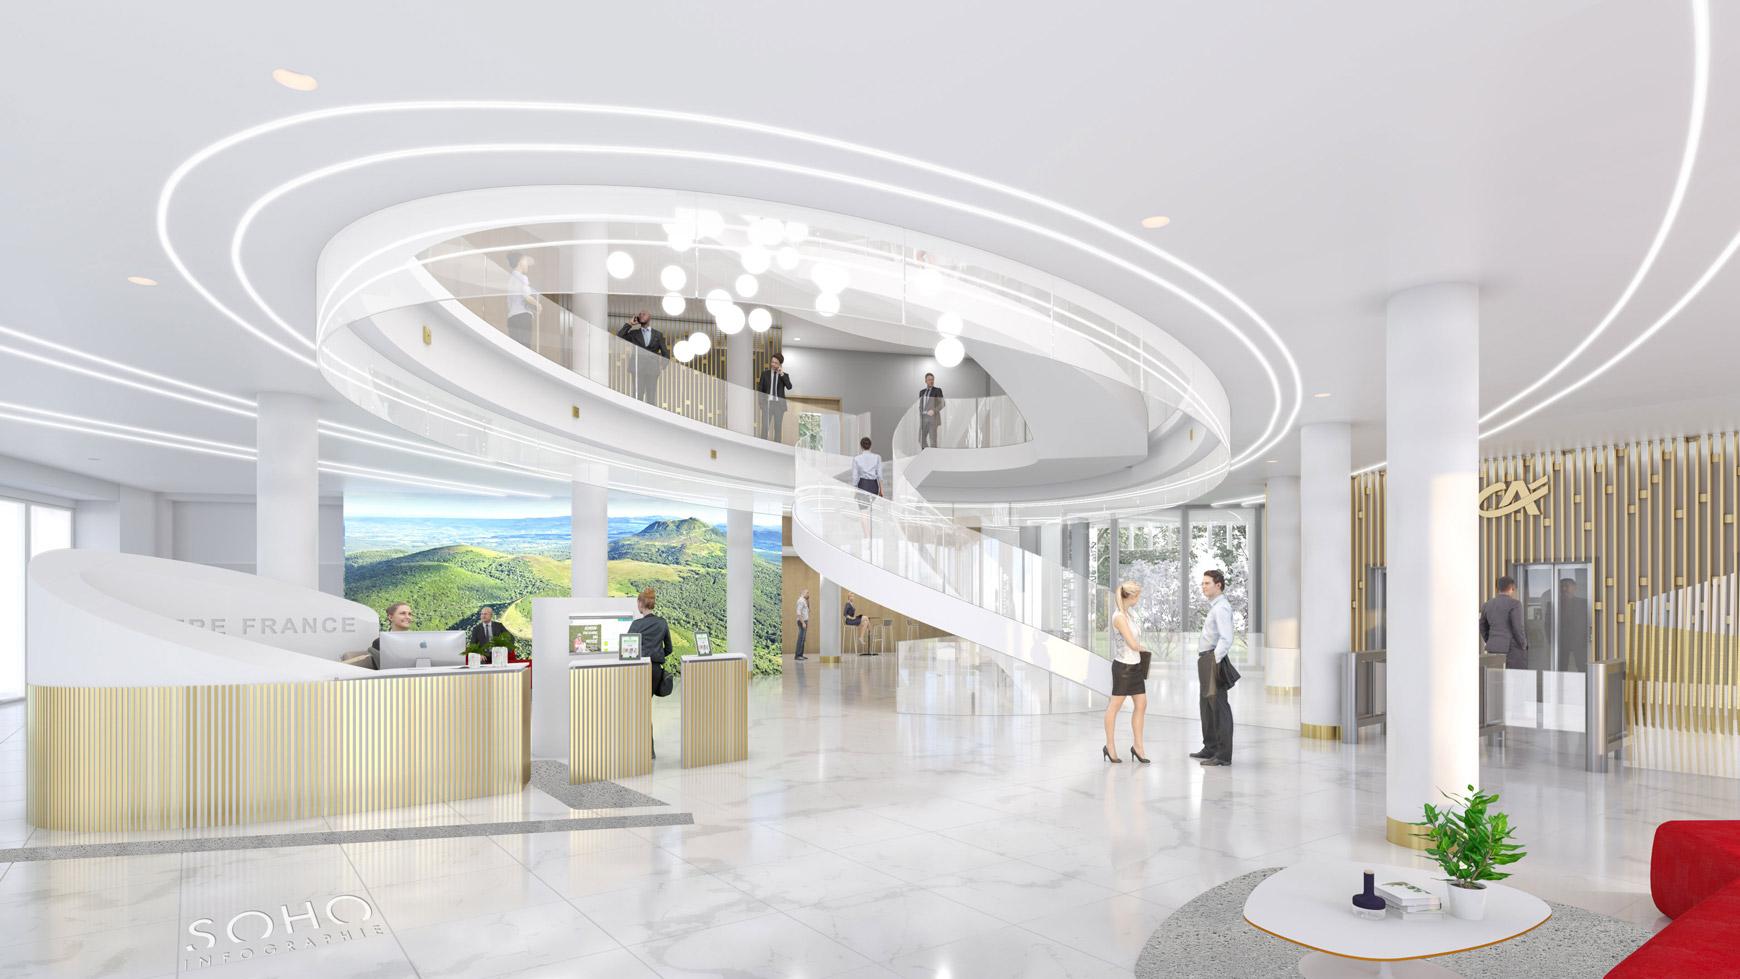 Réhabilitation lourde du siège sociale du Crédit Agricole Centre France à Clermont-Ferrand, labélisé BREEAM EXCELLENT, réalisé par le pôle Tertiaire de l'agence d'architecture SOHO ATLAS IN FINE LYON. Perspective, vue intérieure sur l'atrium.